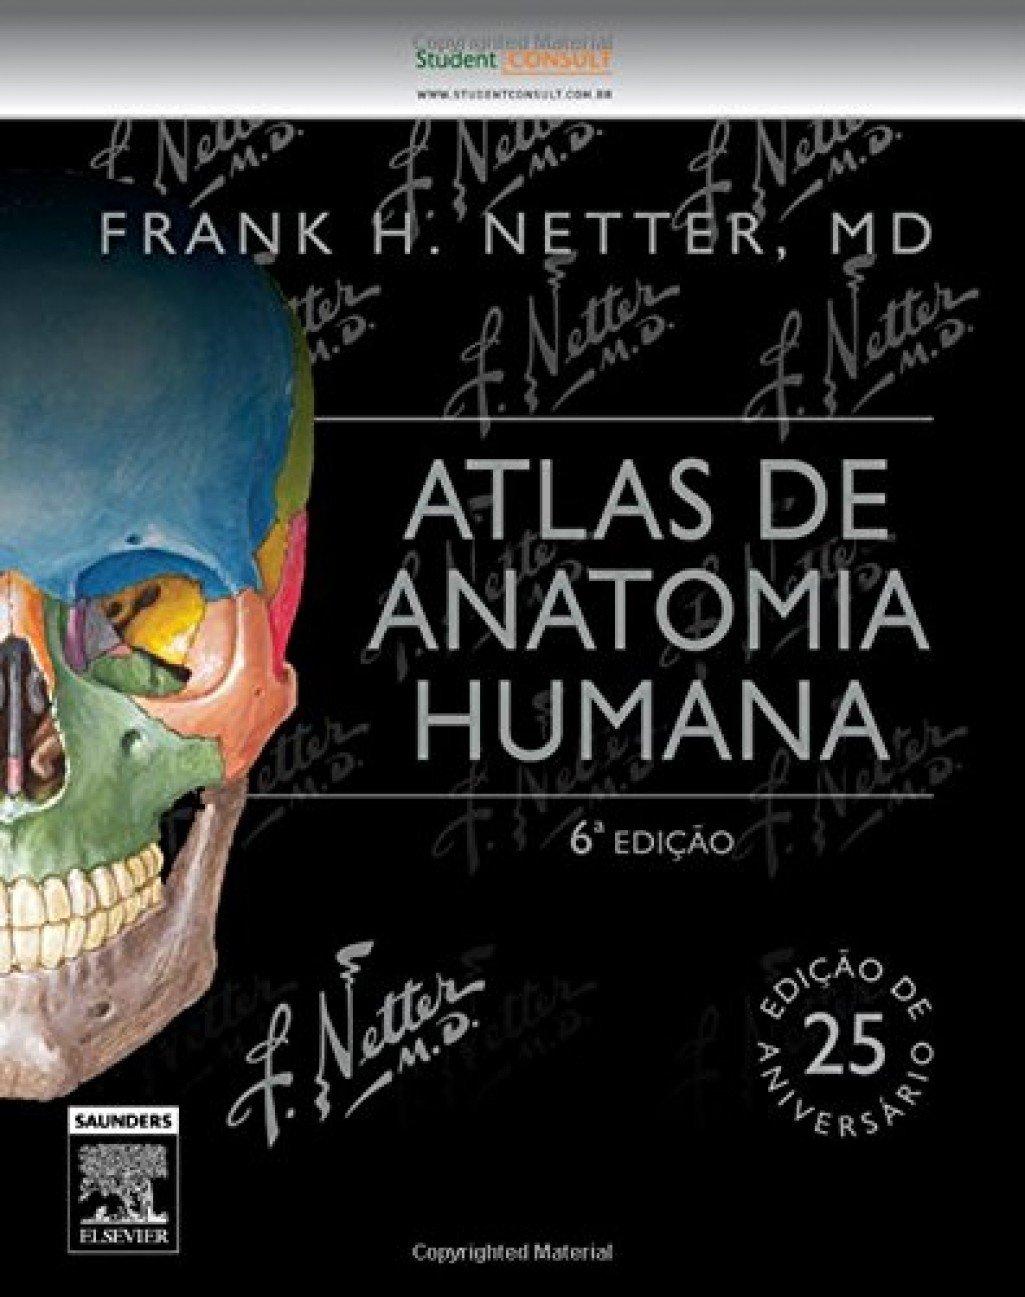 Netter Atlas De Anatomia Humana 6 Edio Em Portuguese Do Brasil